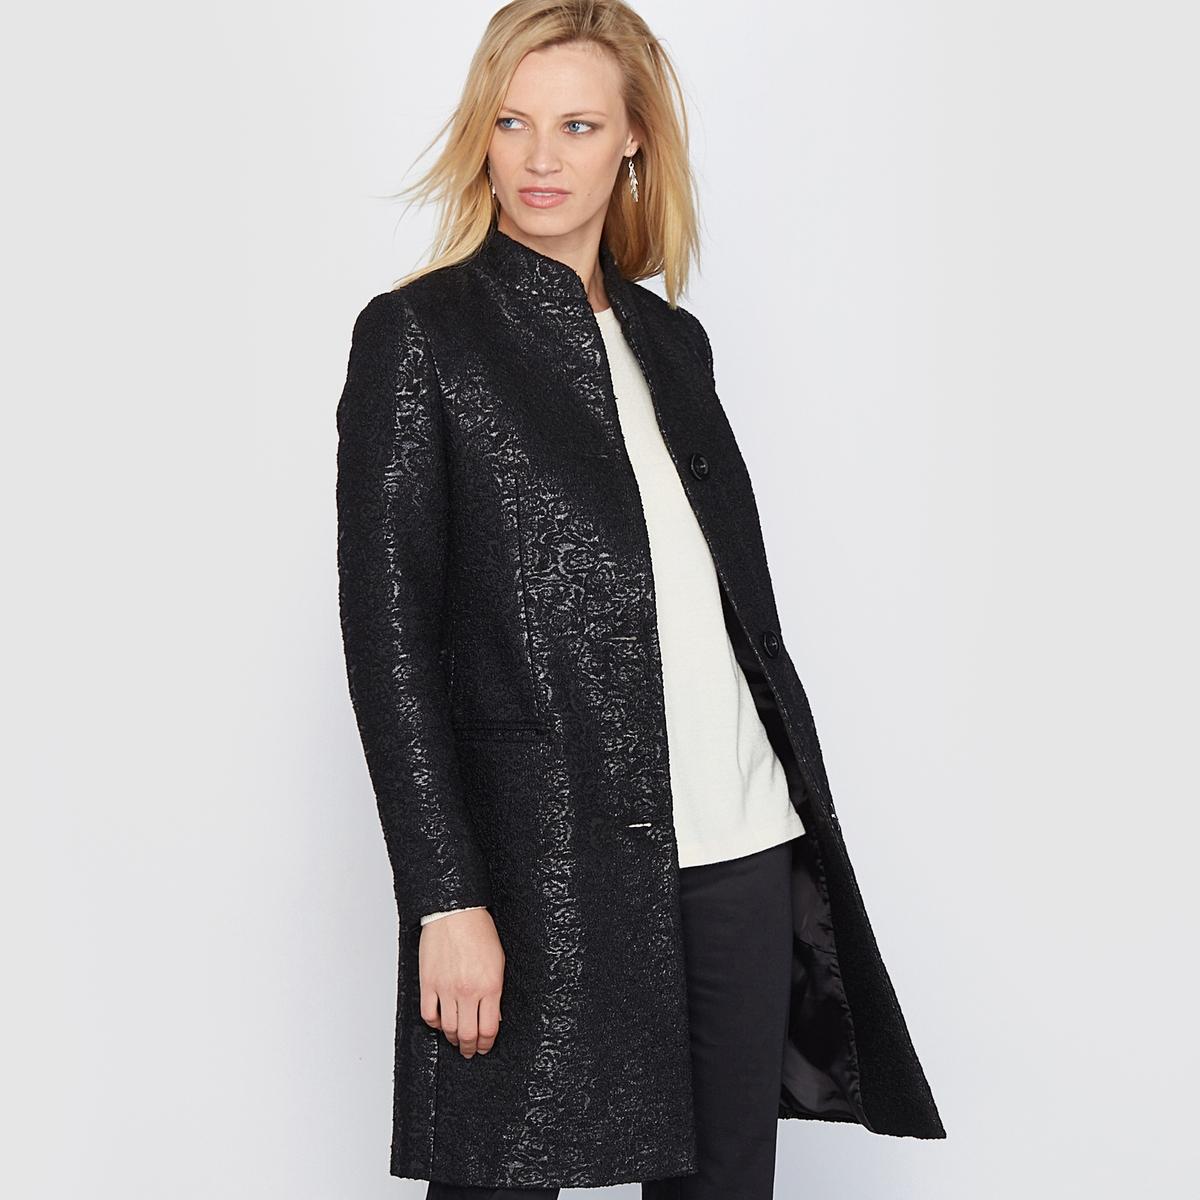 Пальто прямое жаккардовоеПрямое жаккардовое пальто. Красивая жаккардовая вязка. Небольшой воротник-стойка. Красивый прямой покрой. Швы спереди и сзади. Застёжка спереди на 3 пуговицы. 2 передних кармана.                    Состав и описание:          Материал: жаккардовая ткань  44% полиамида, 36% акрила,  20% хлопка.           Подкладка:  100% полиэстер.         Длина: 90 см.          Марка: Anne  Weyburn.               Уход:         - Сухая чистка.         - Гладить при низкой температуре.<br><br>Цвет: черный<br>Размер: 38 (FR) - 44 (RUS)